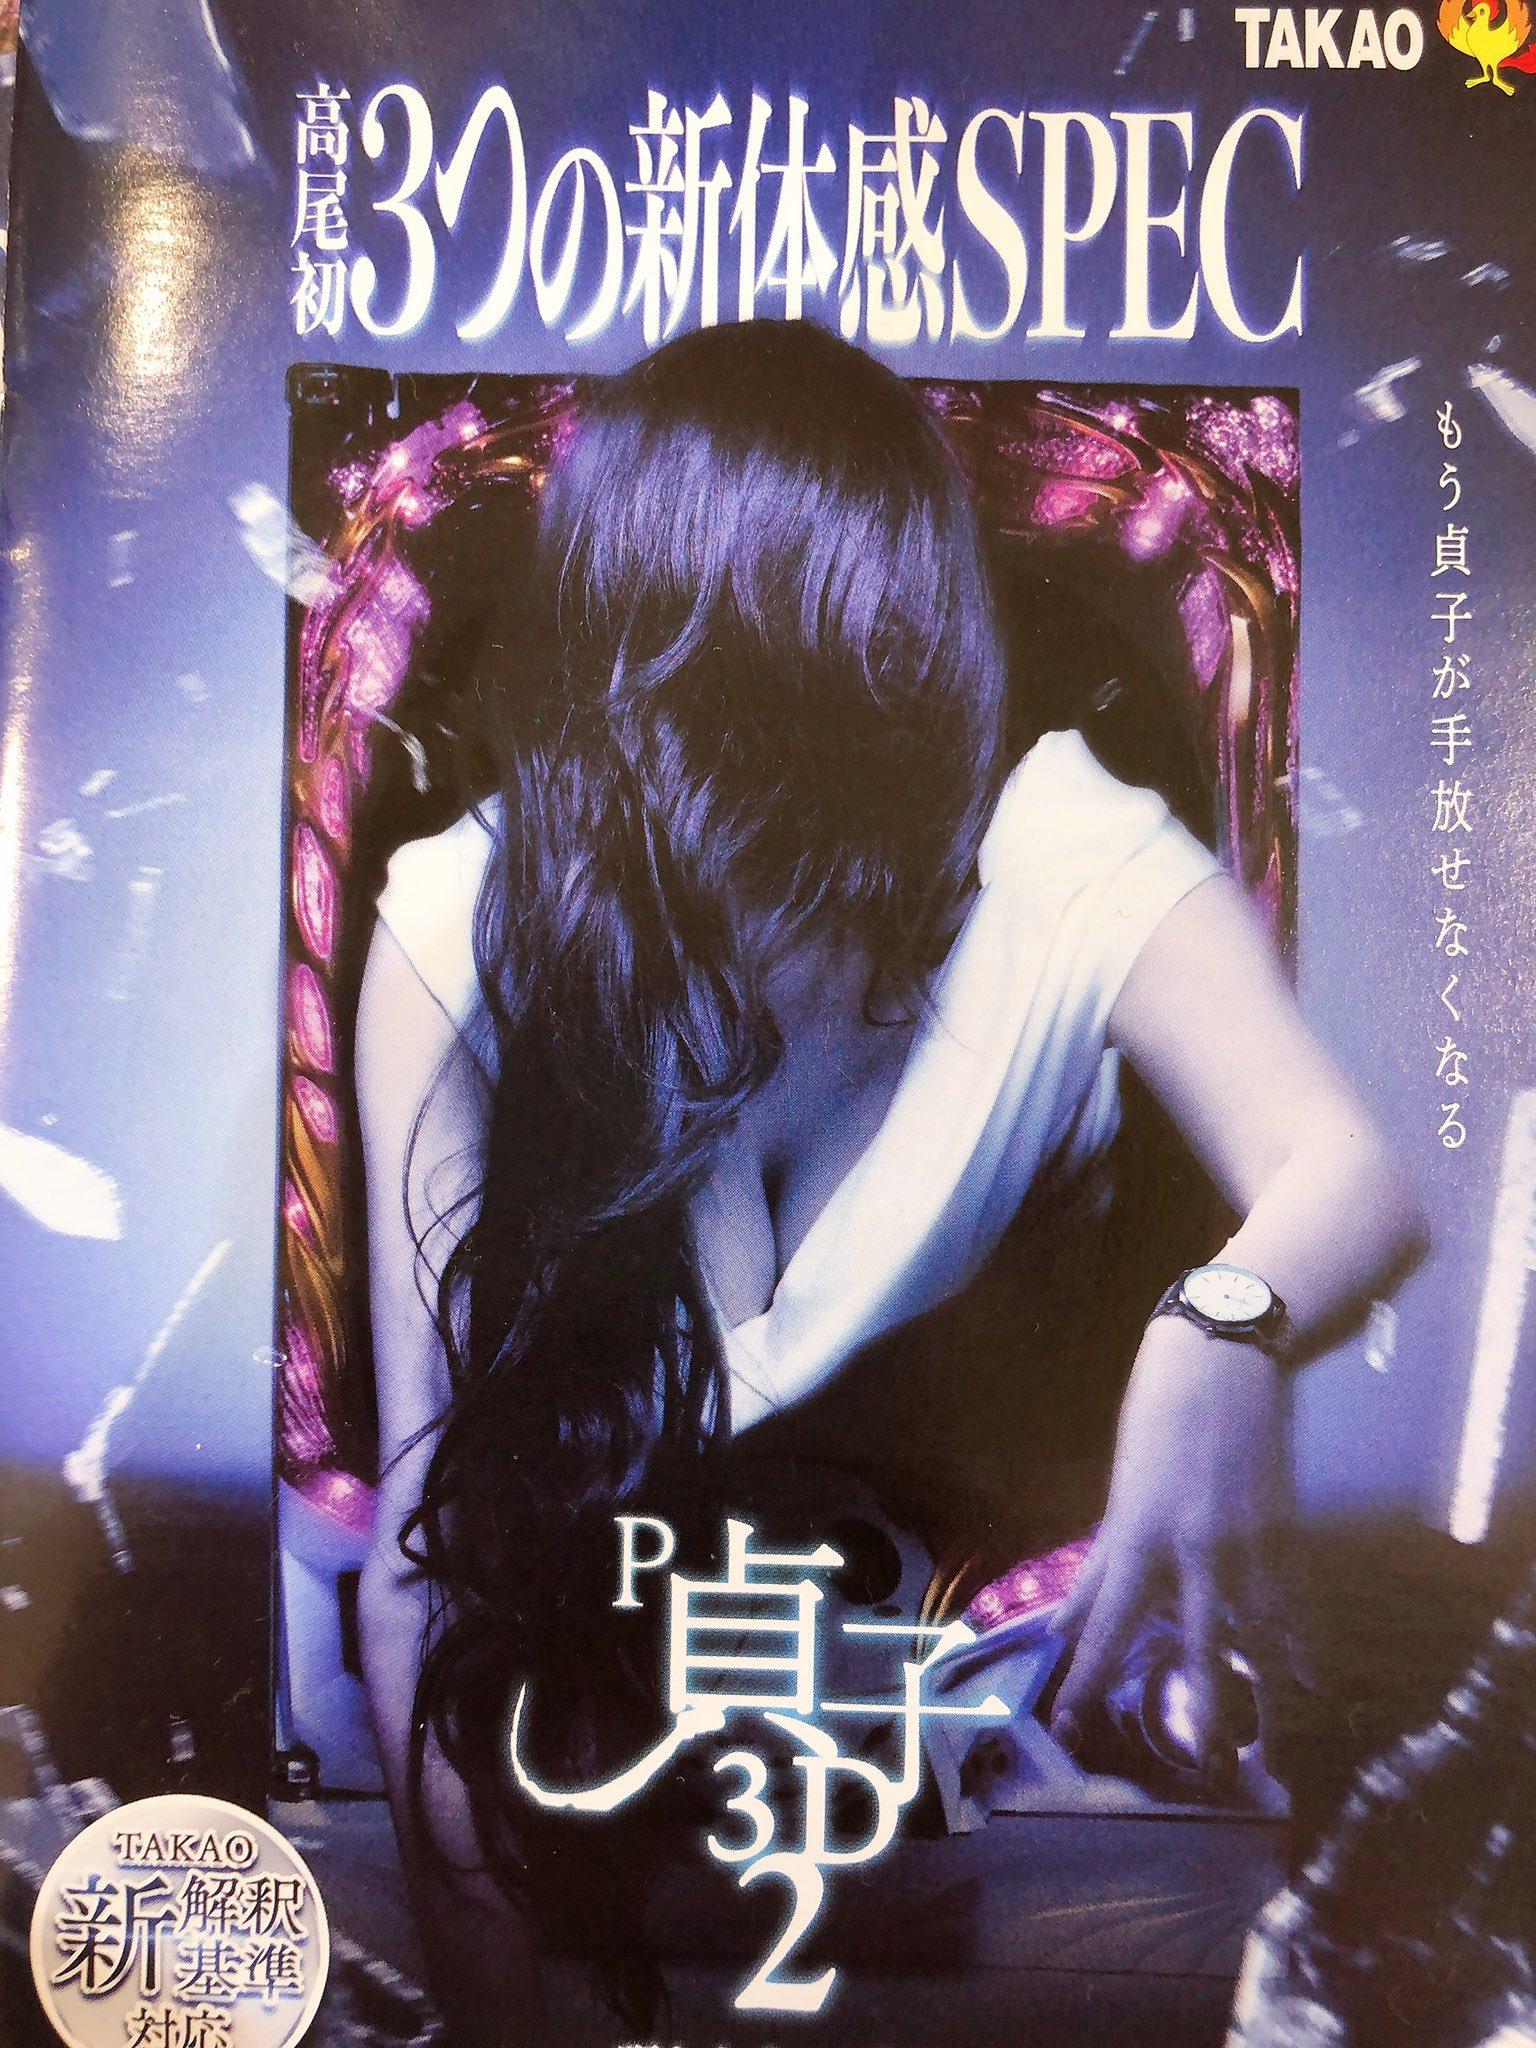 【画像】最近の貞子、なんかめちゃくちゃエロくなってしまう